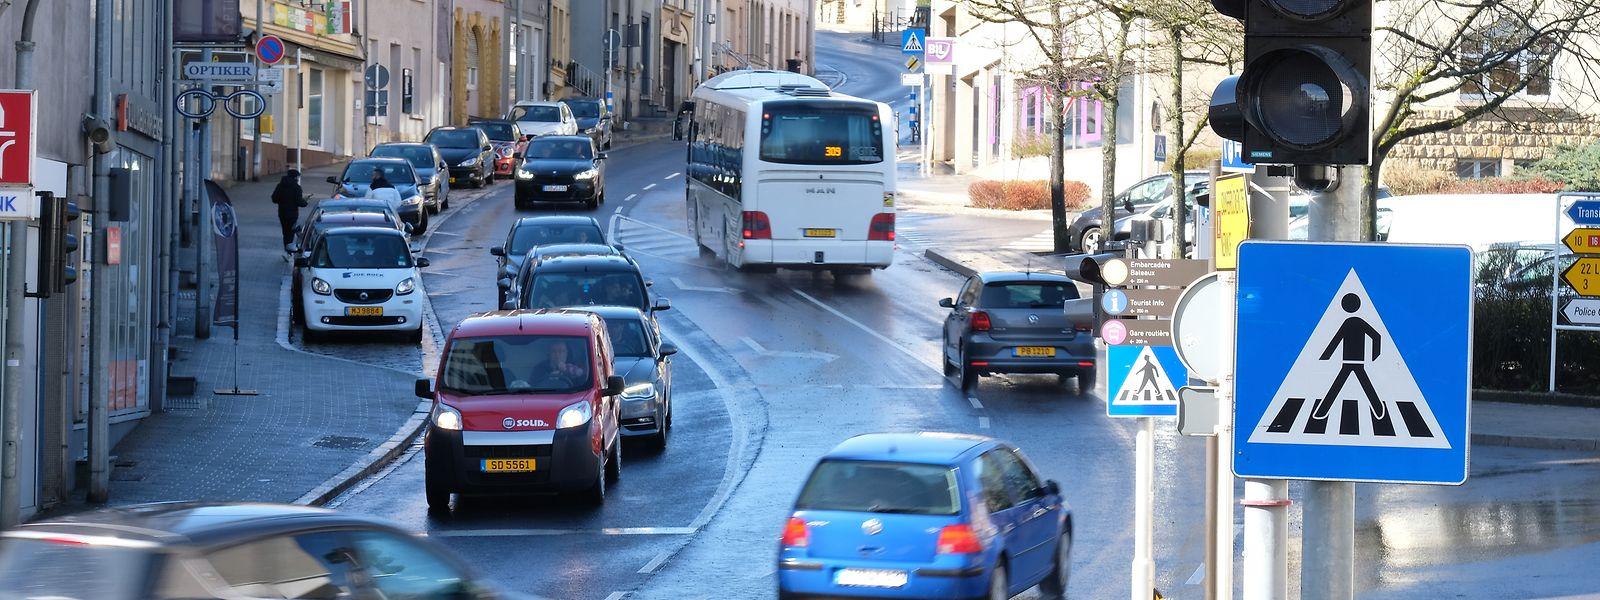 Dicke Luft in der Rue Enz: Eine Busspur soll den Verkehr auf dem steilen Streckenabschnitt verflüssigen.